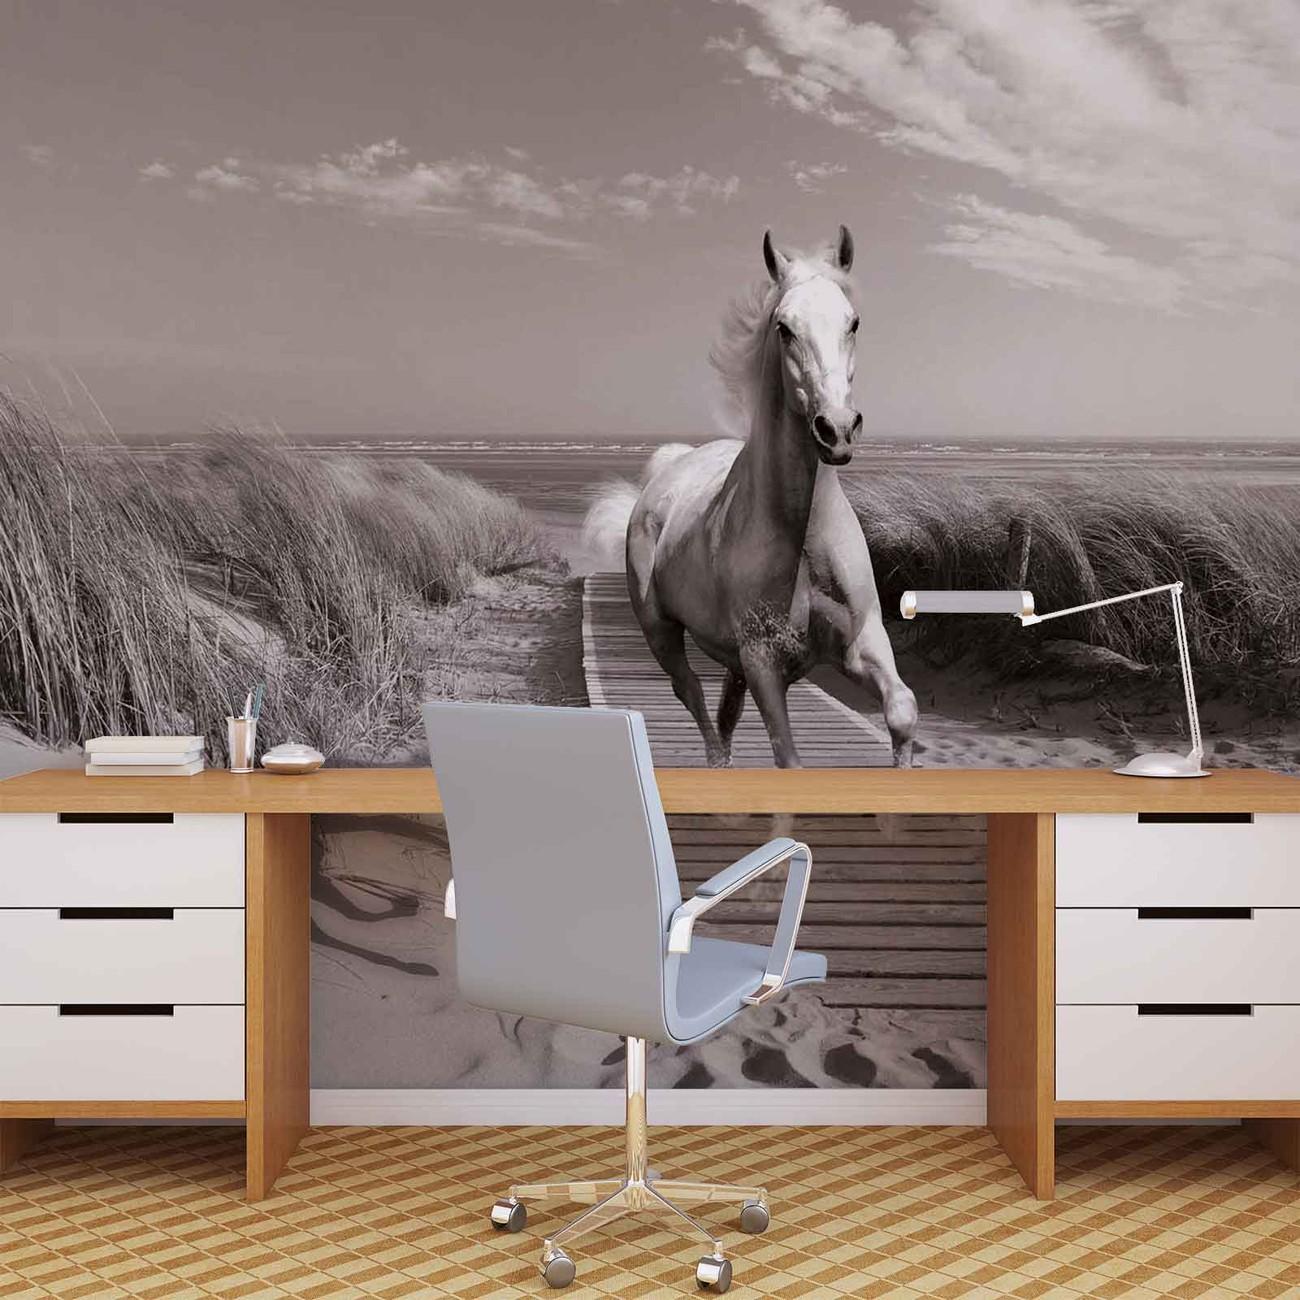 cheval blanc sur la plage gris poster mural papier peint acheter le sur. Black Bedroom Furniture Sets. Home Design Ideas